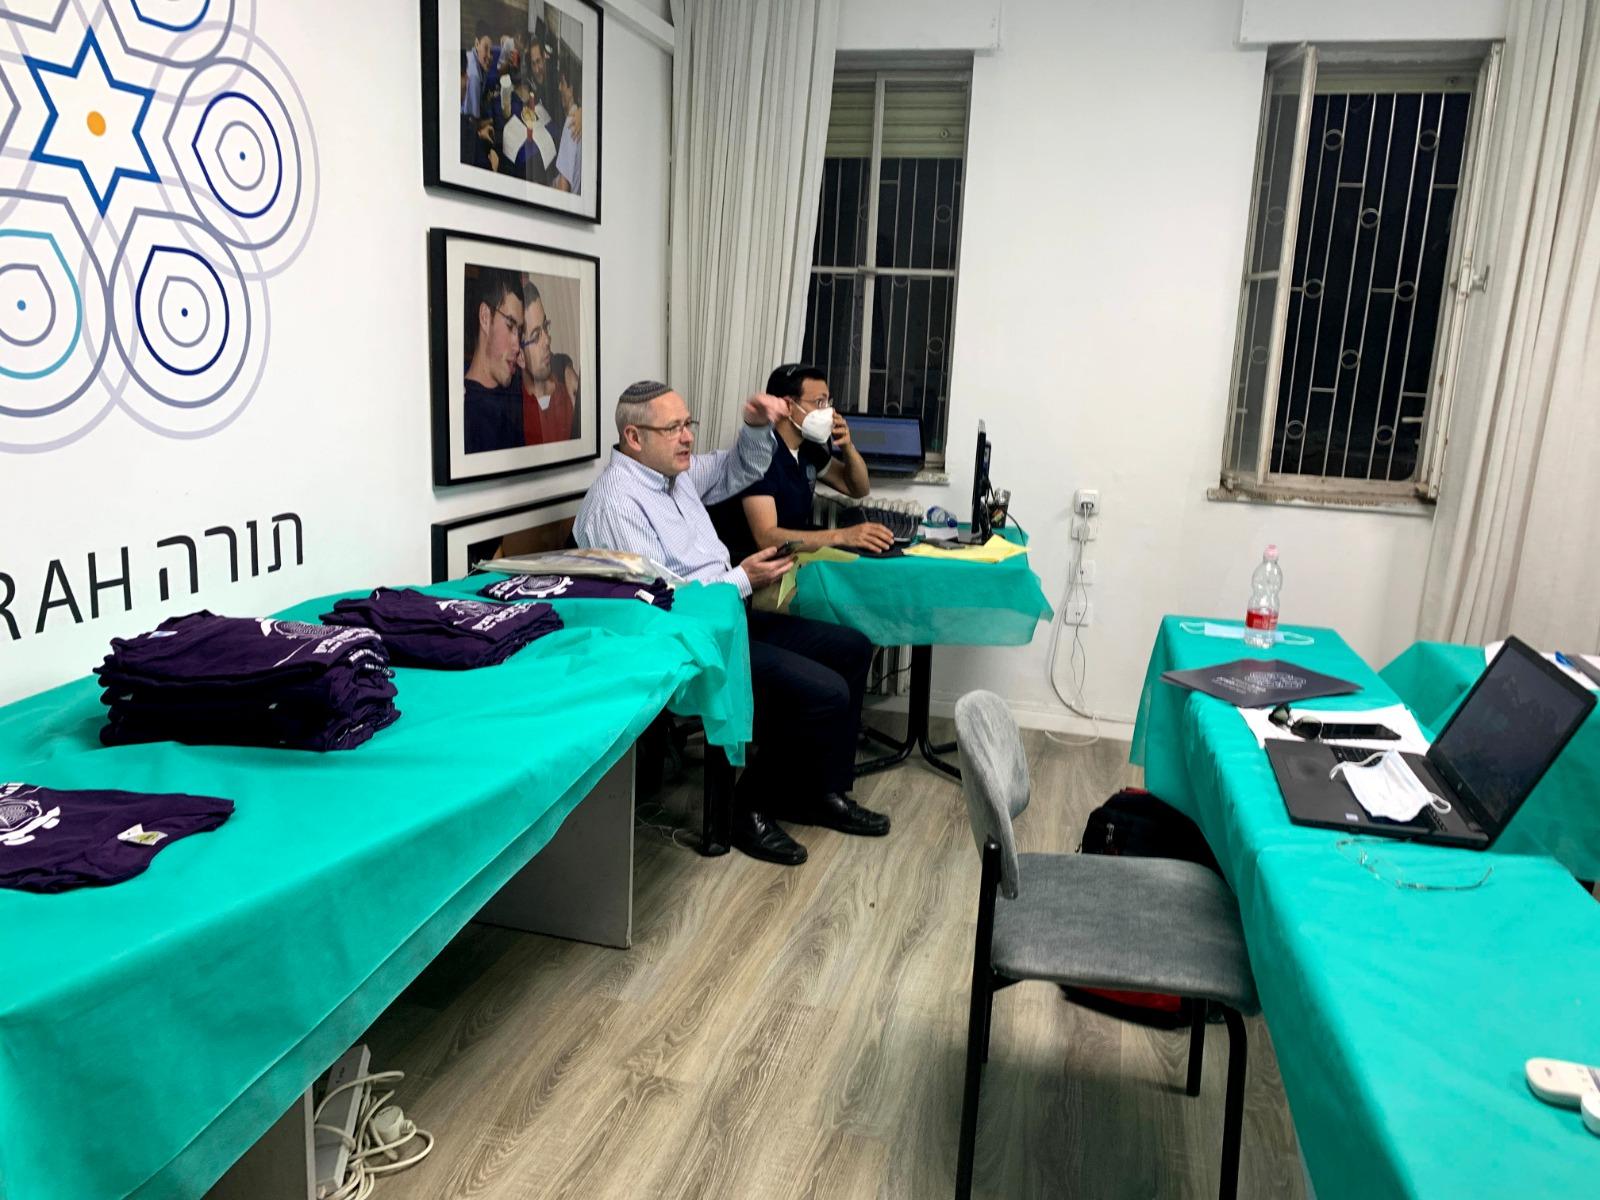 Zman Matan Torah Mitzion